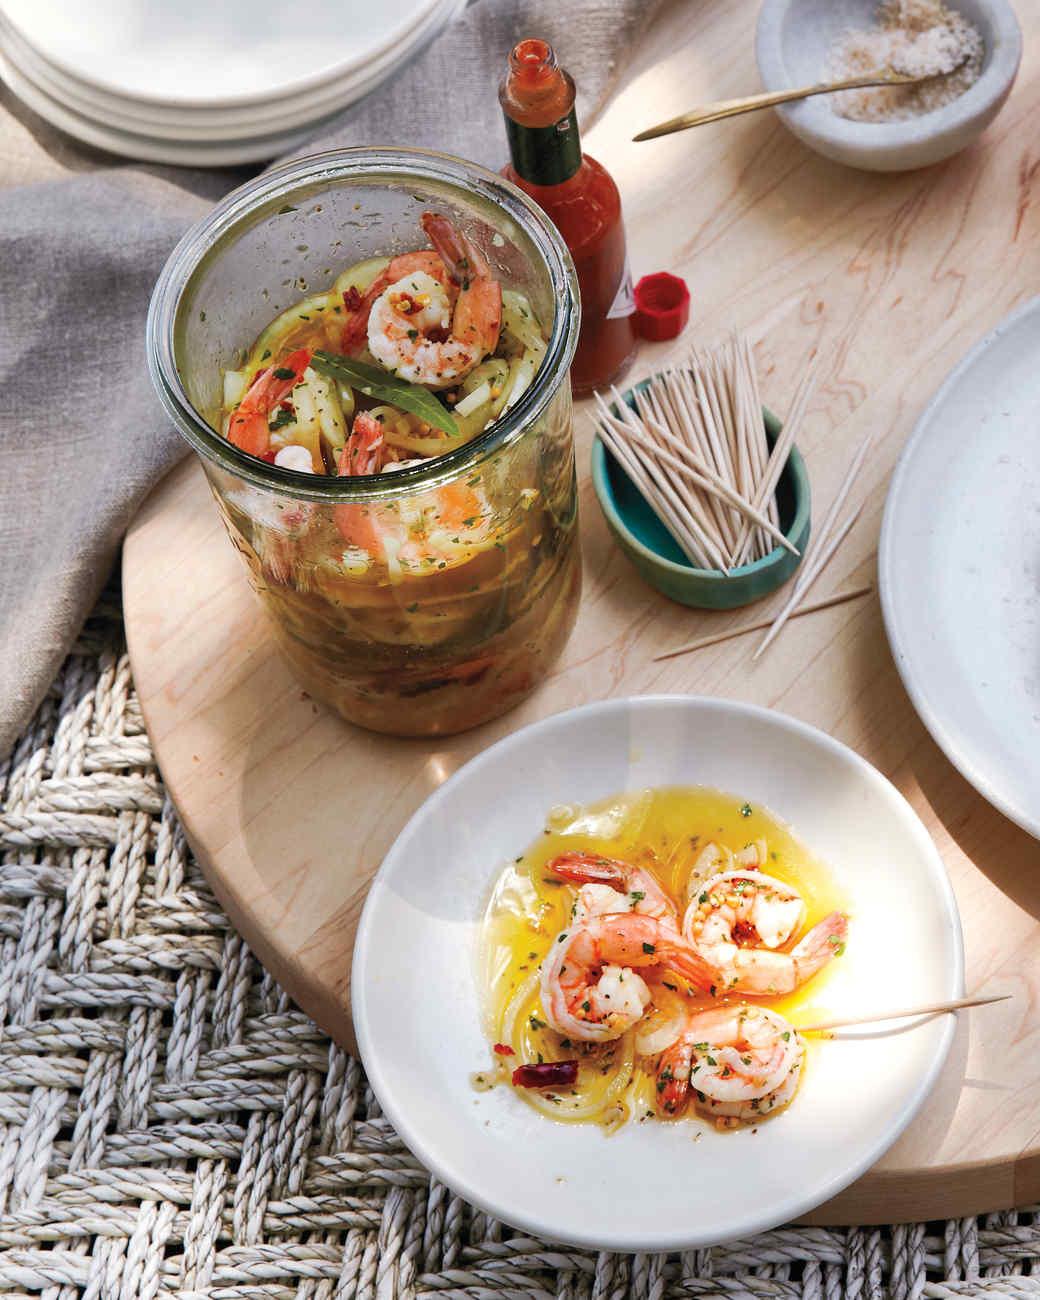 easter-los-angelos-brunch-garden-food-shrimp06r-md110200.jpg